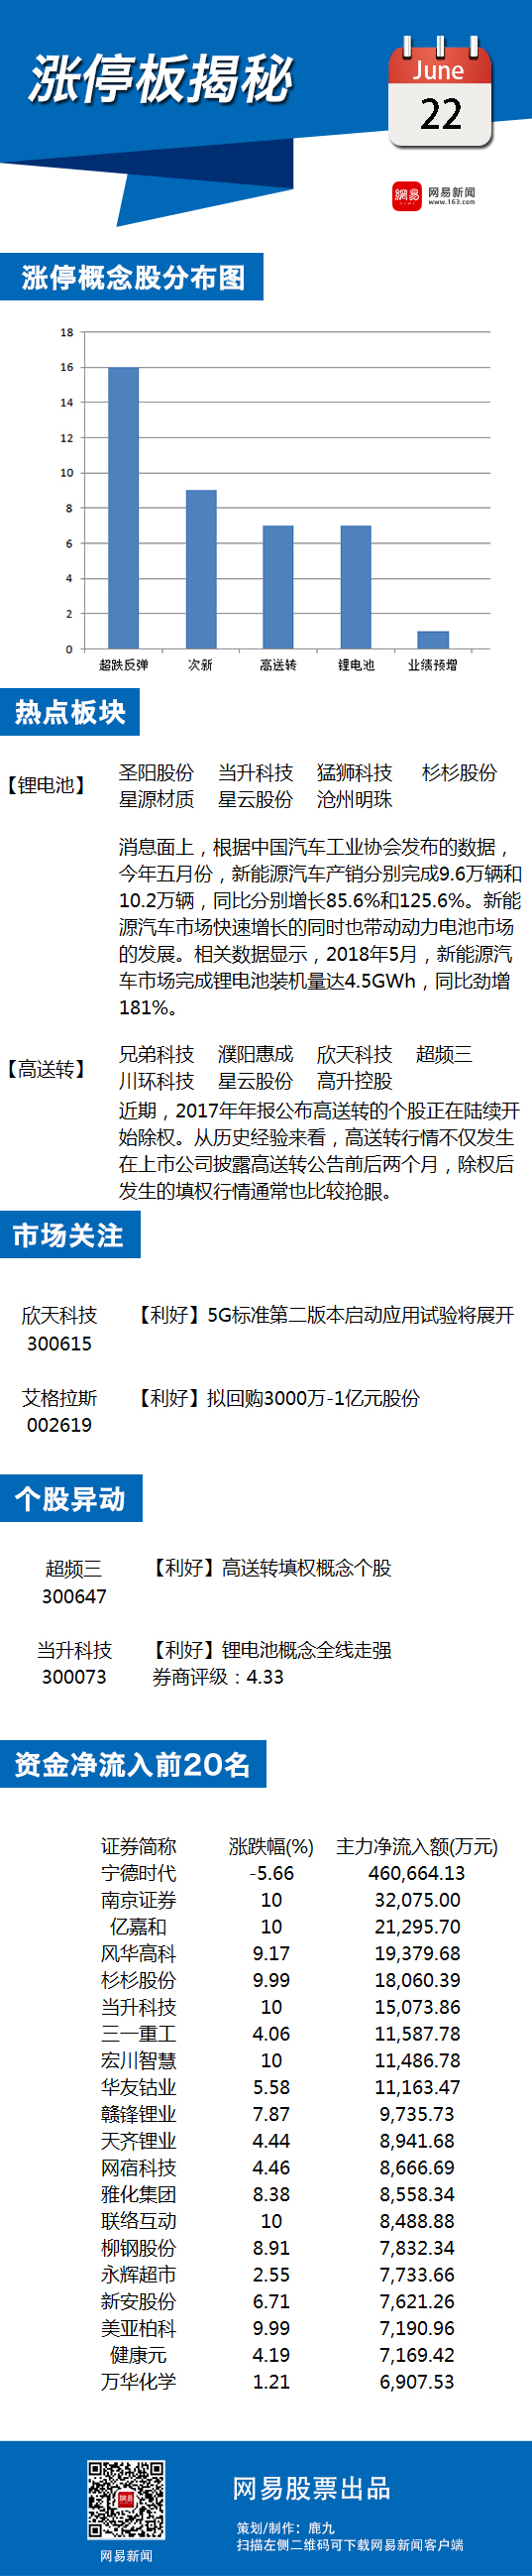 6月22日涨停板揭秘:高送转填权估持续走强